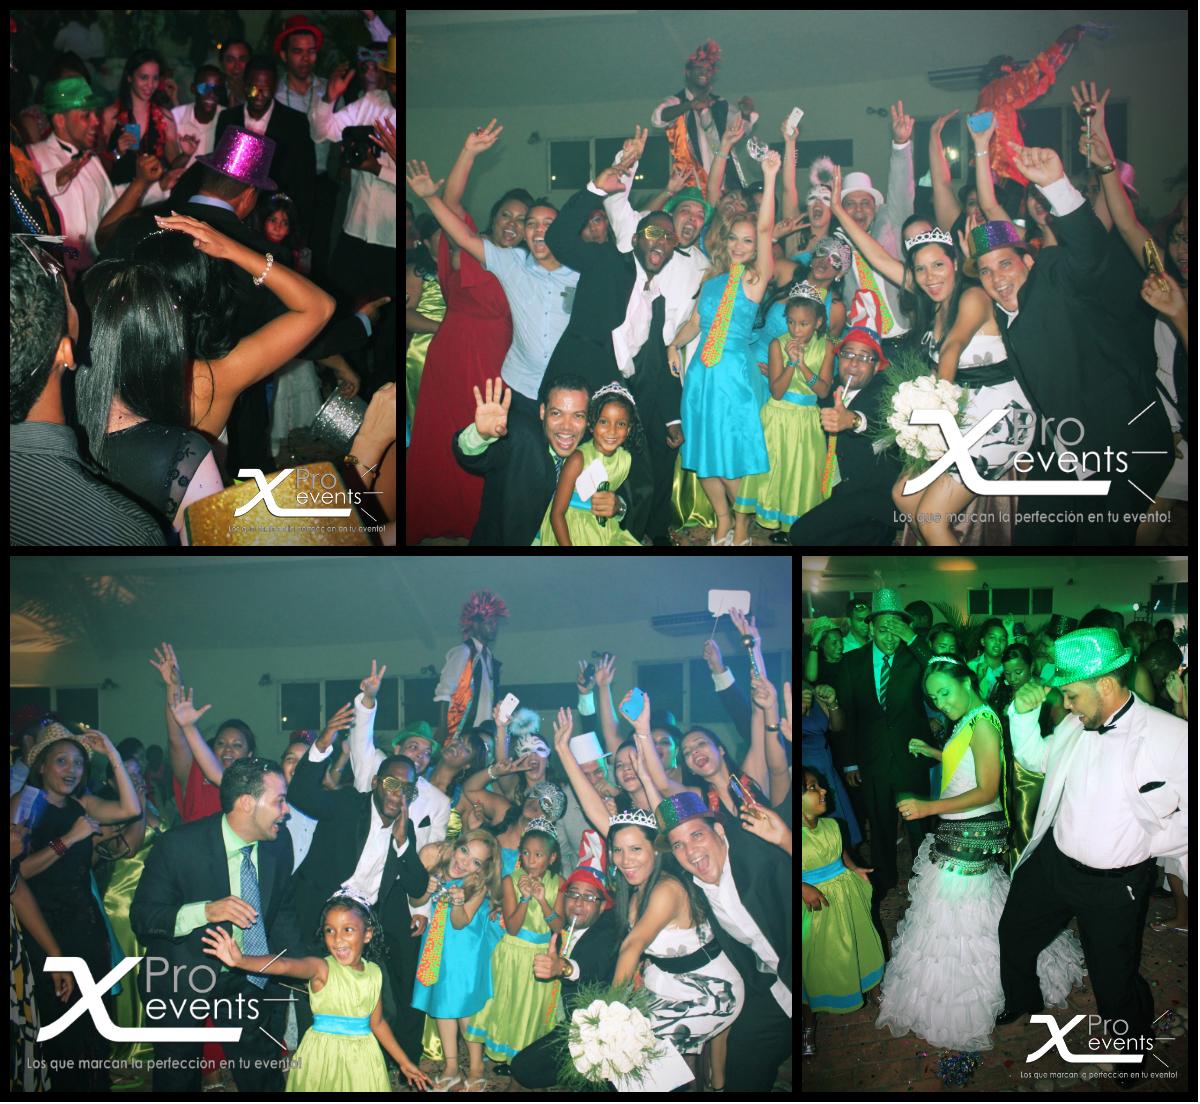 www.Xproevents.com - Los que marcan la perfeccion en tu evento 01 (5).jpg